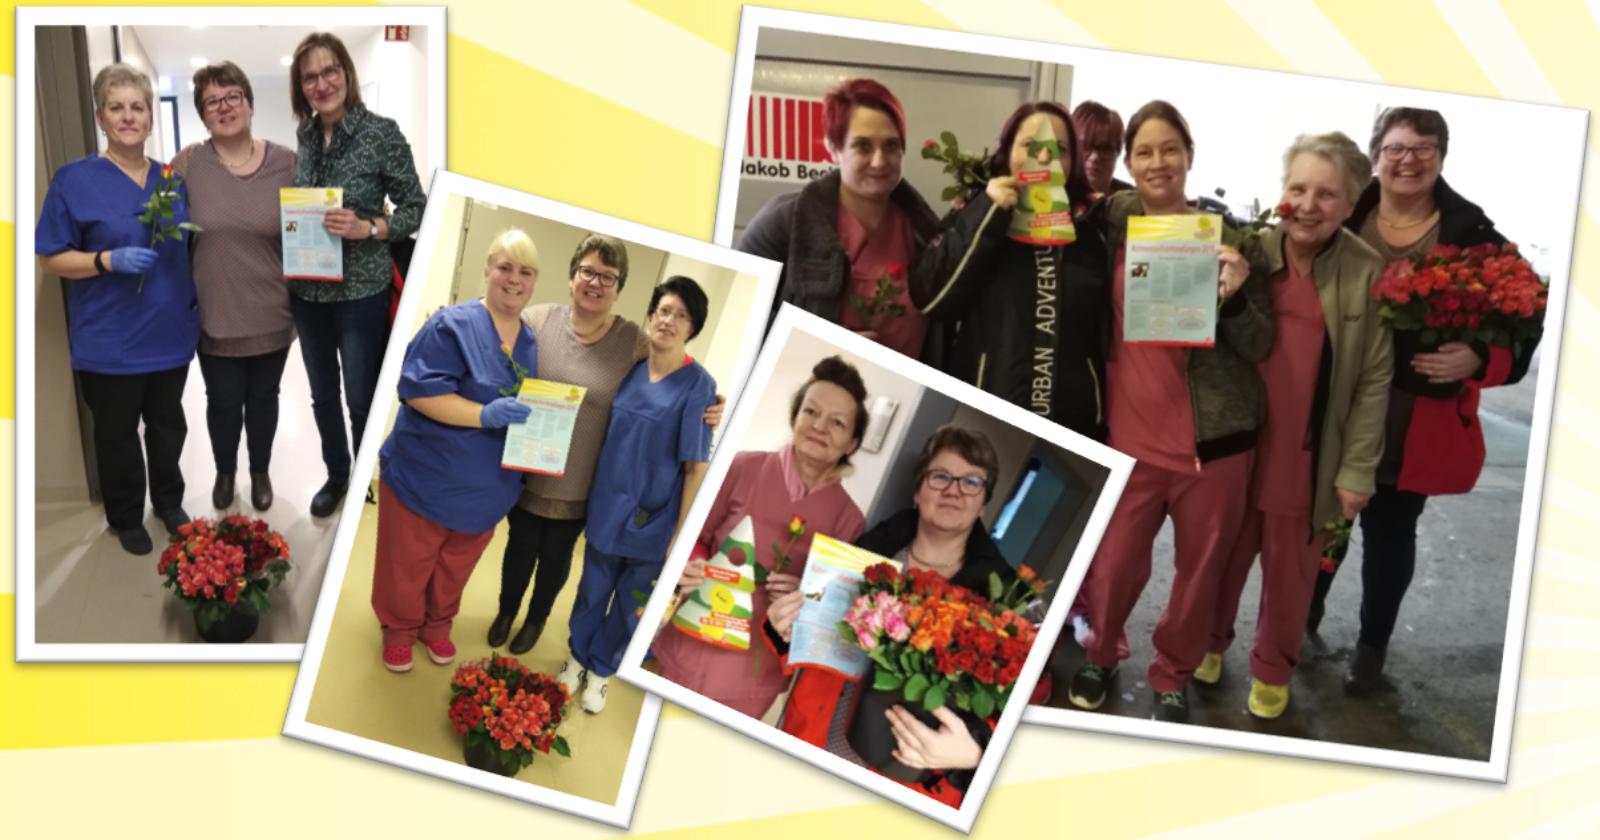 Internationaler Frauentag: IG BAU verteilte Rosen an Kolleginnen der Gebäudereinigung der Universitätsklinik Homburg